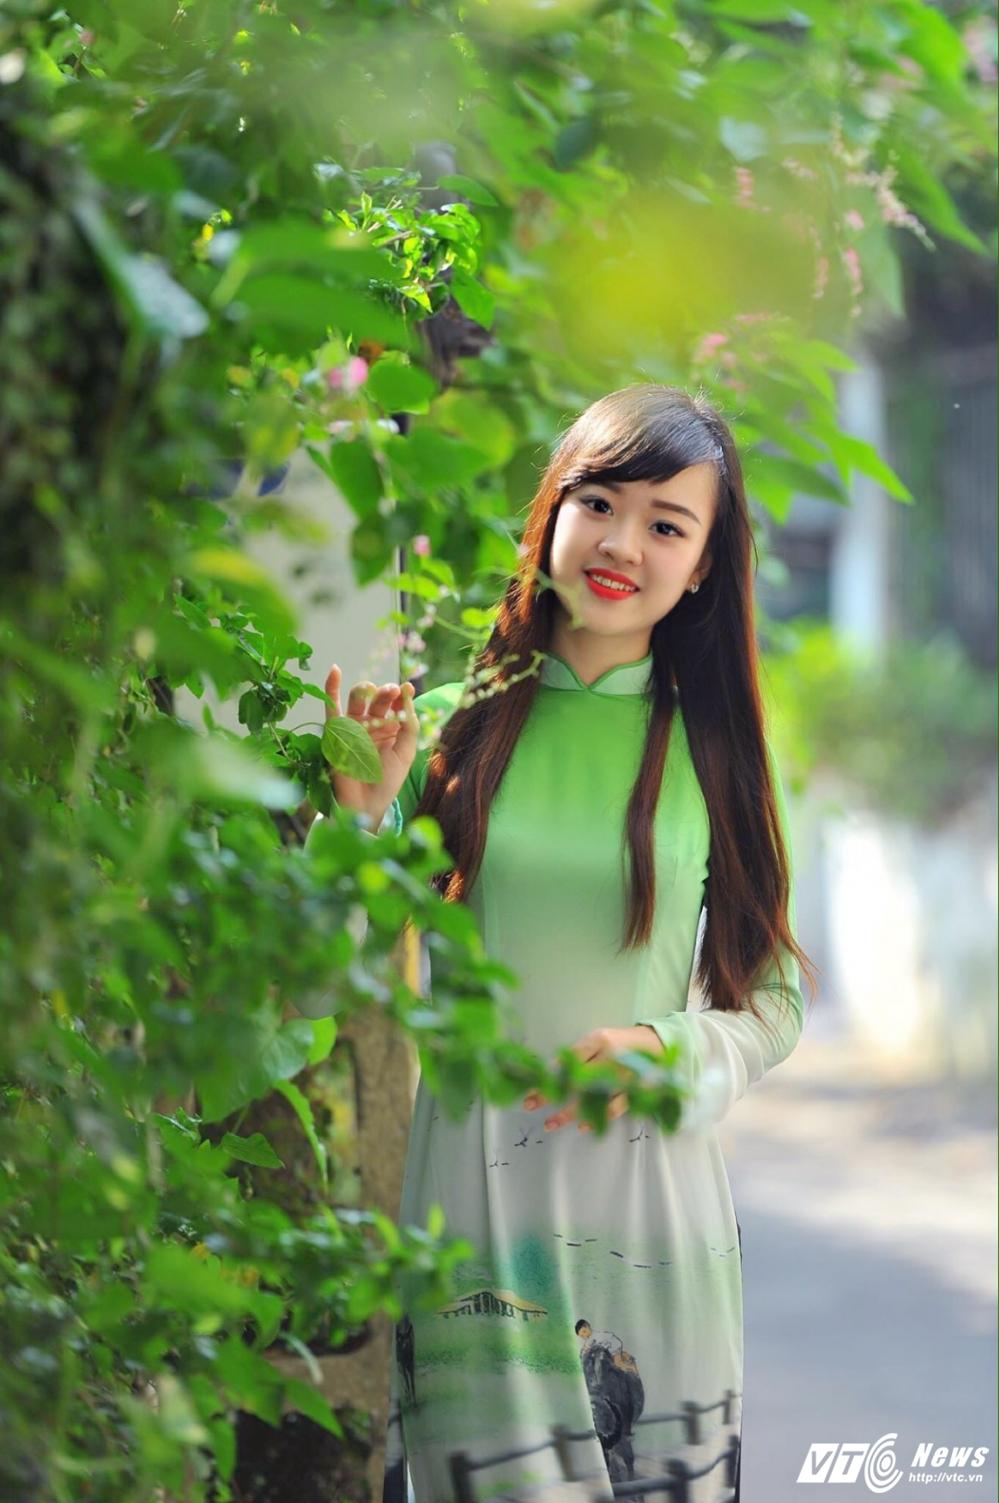 Hot girl DH Phong chay Chua chay gioi tieng Anh, me mua bung hinh anh 6